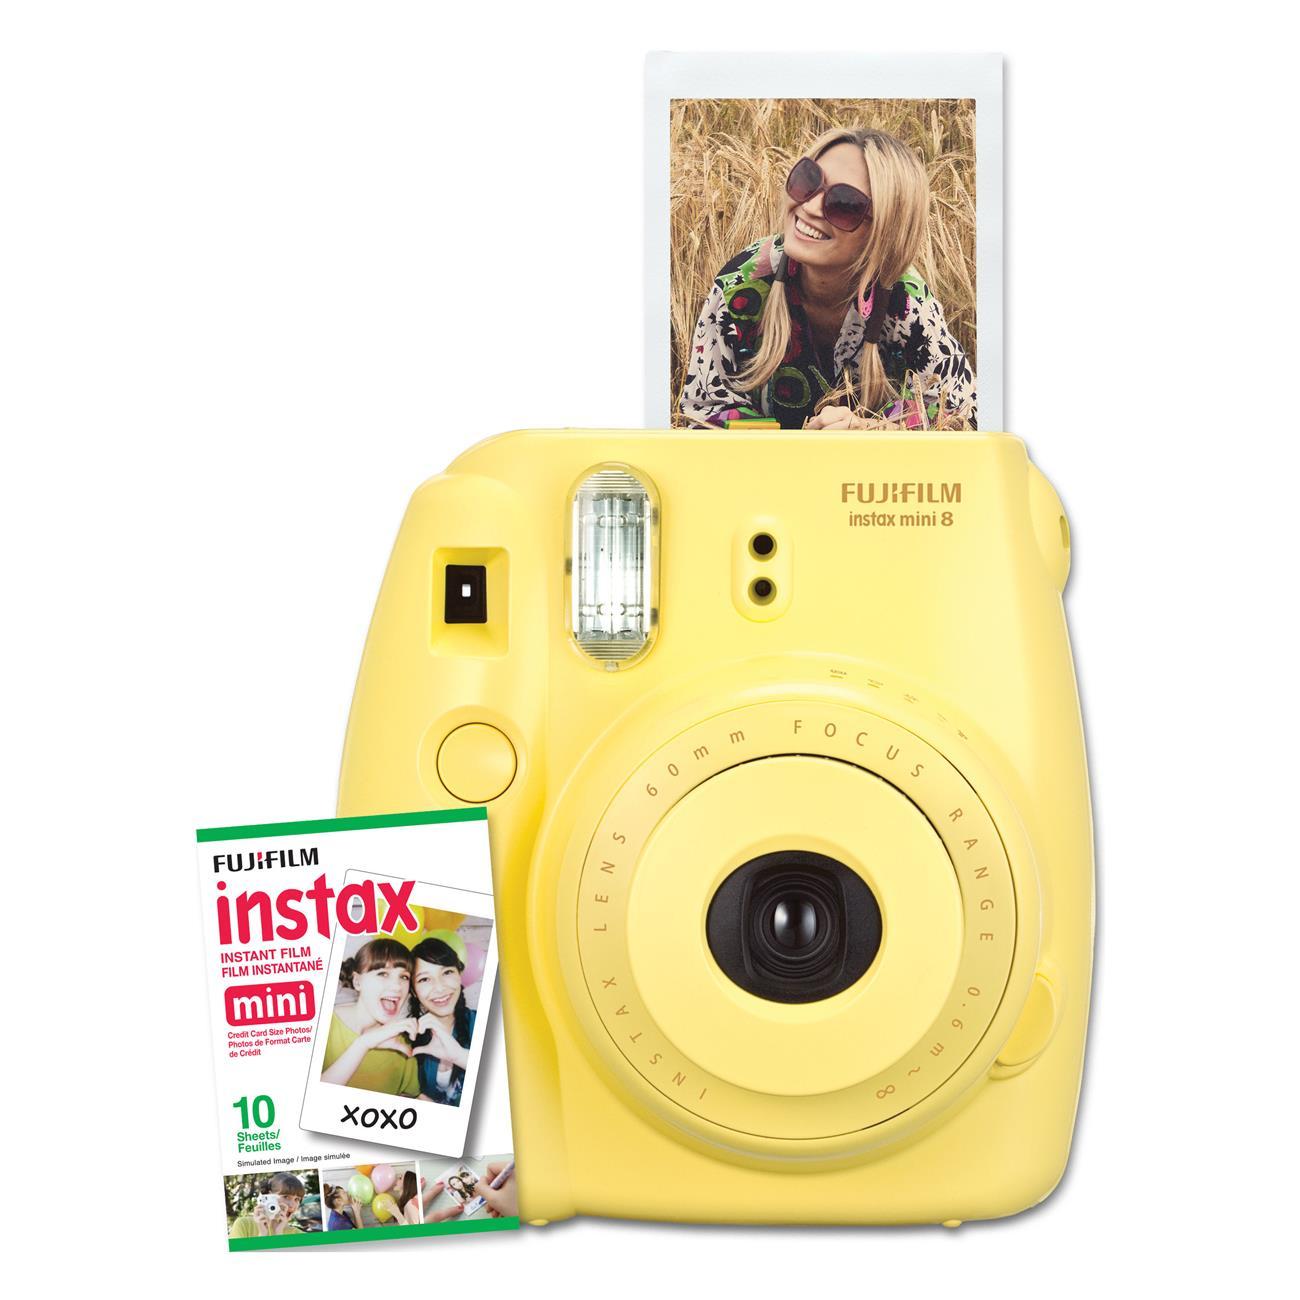 Fuji instax mini 8 yellow camera film kit 600015401 for Instax mini 8 housse